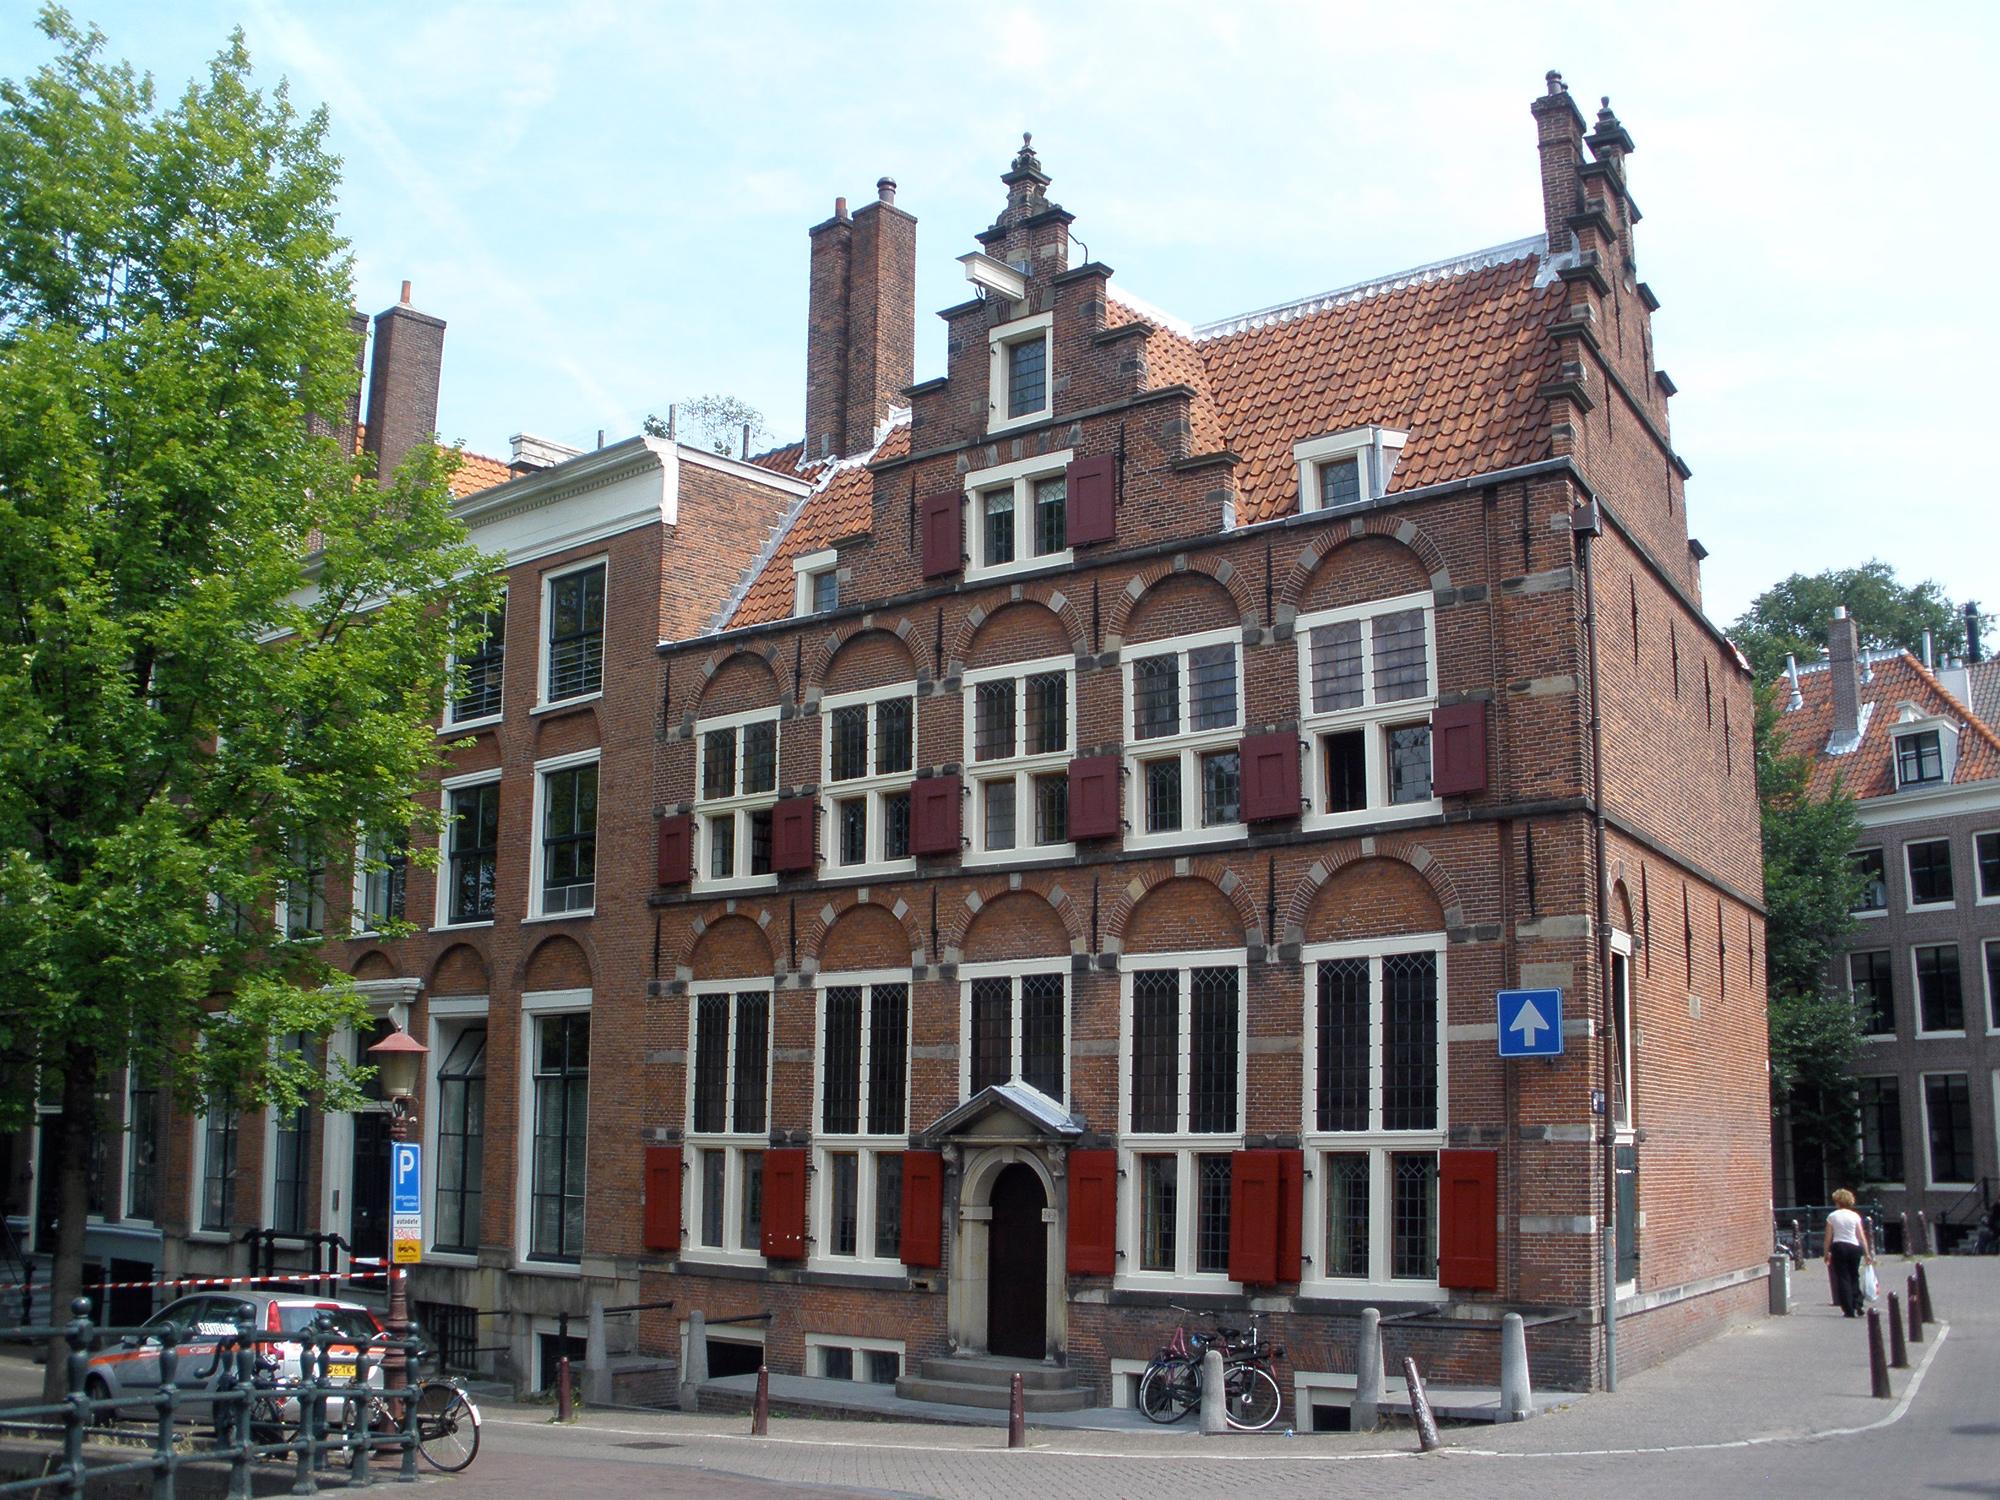 Dubbel hoekhuis met dwarse achtervleugels huis aan de drie grachten in amsterdam monument - Fotos van eigentijds huis ...